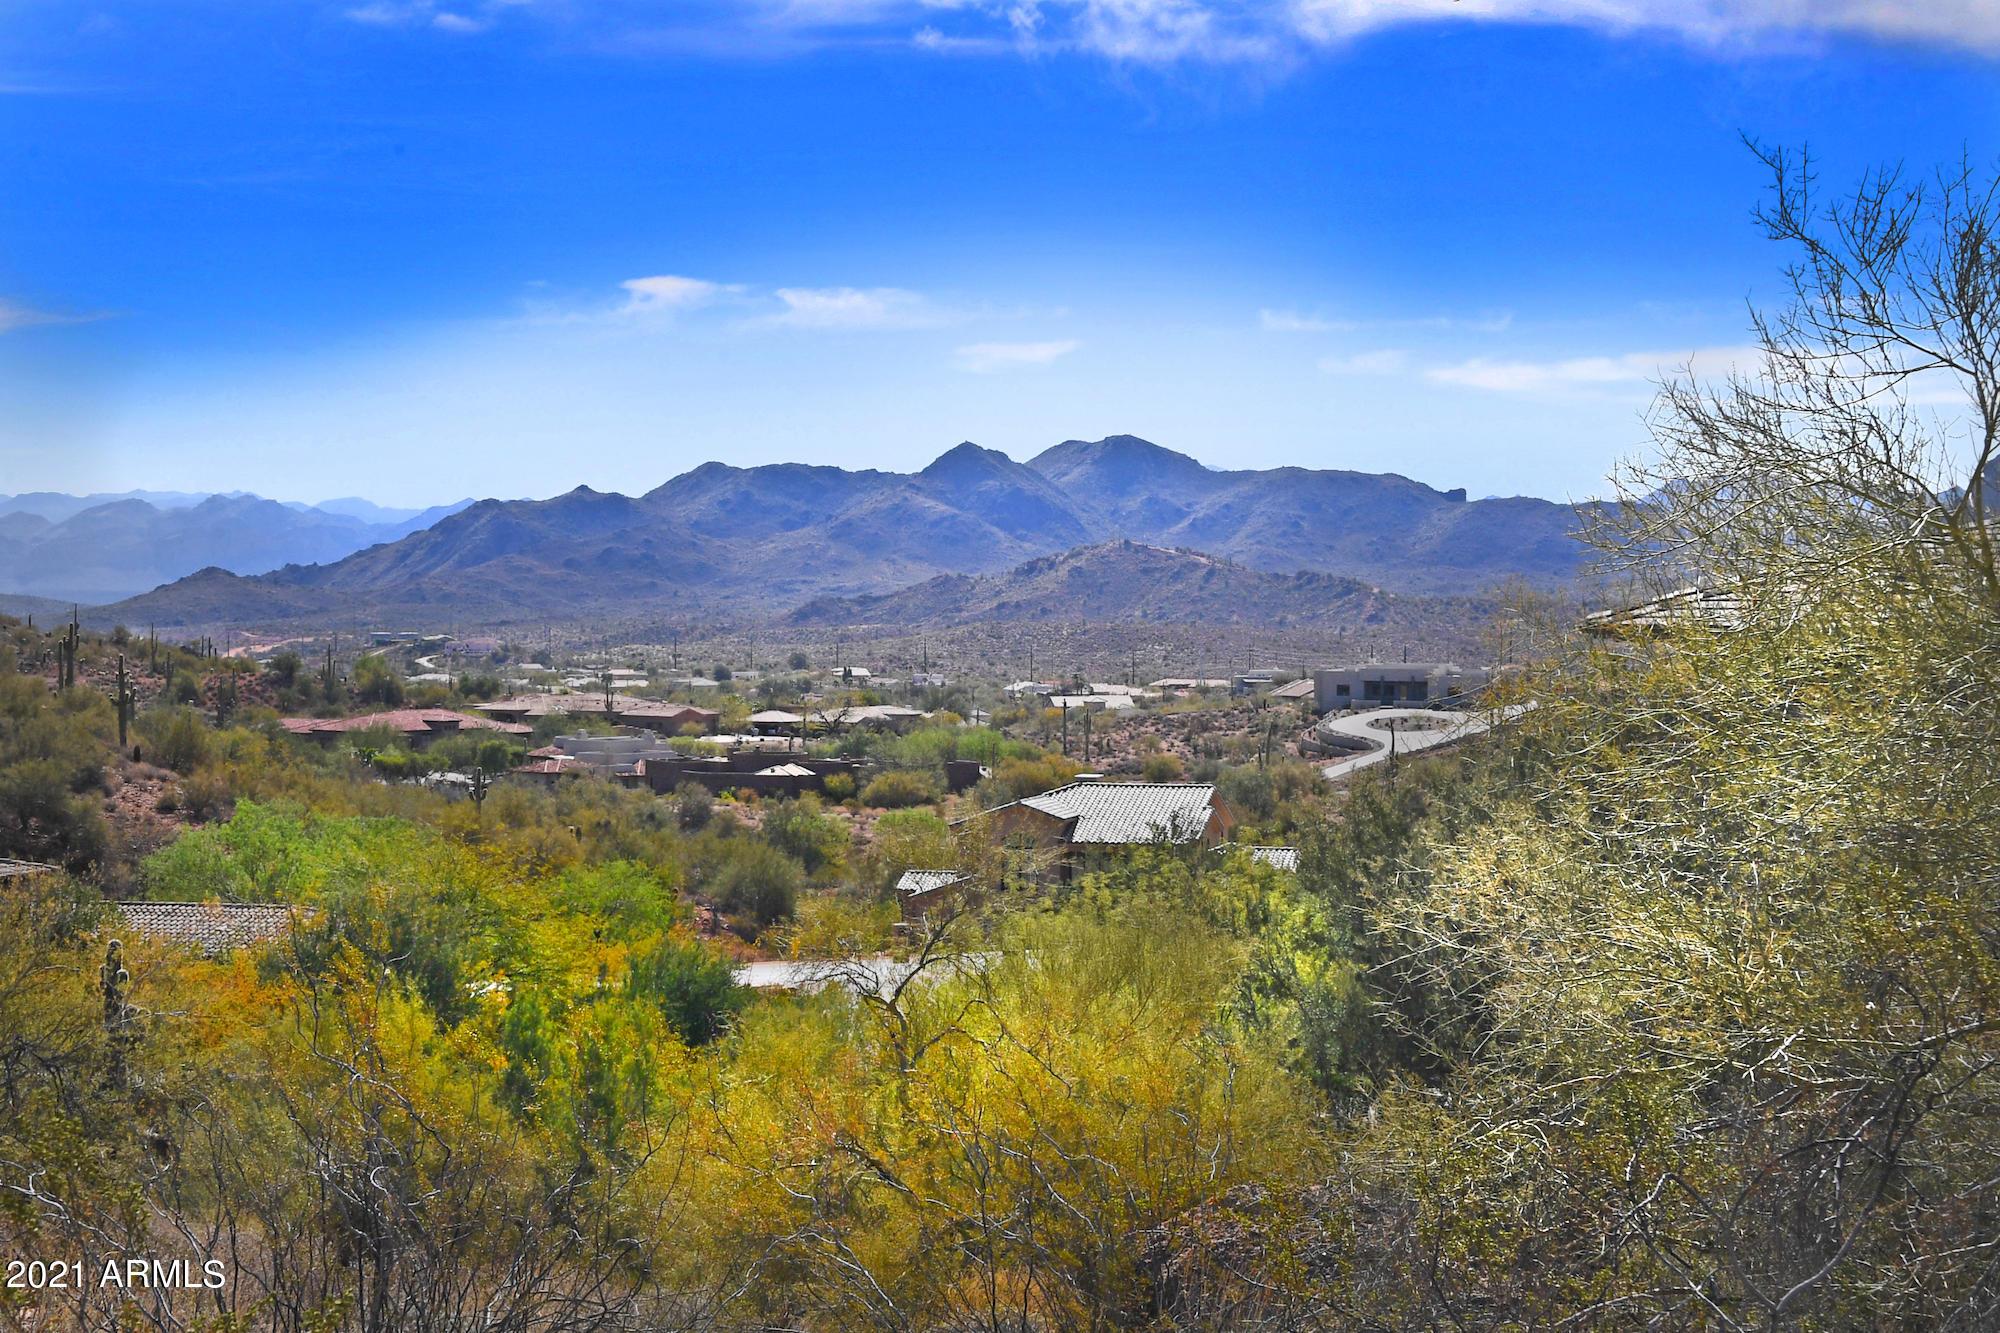 15845 E FIREROCK COUNTRY CLUB Drive # 40, Fountain Hills, AZ 85268, ,Land,For Sale,15845 E FIREROCK COUNTRY CLUB Drive # 40,6191332